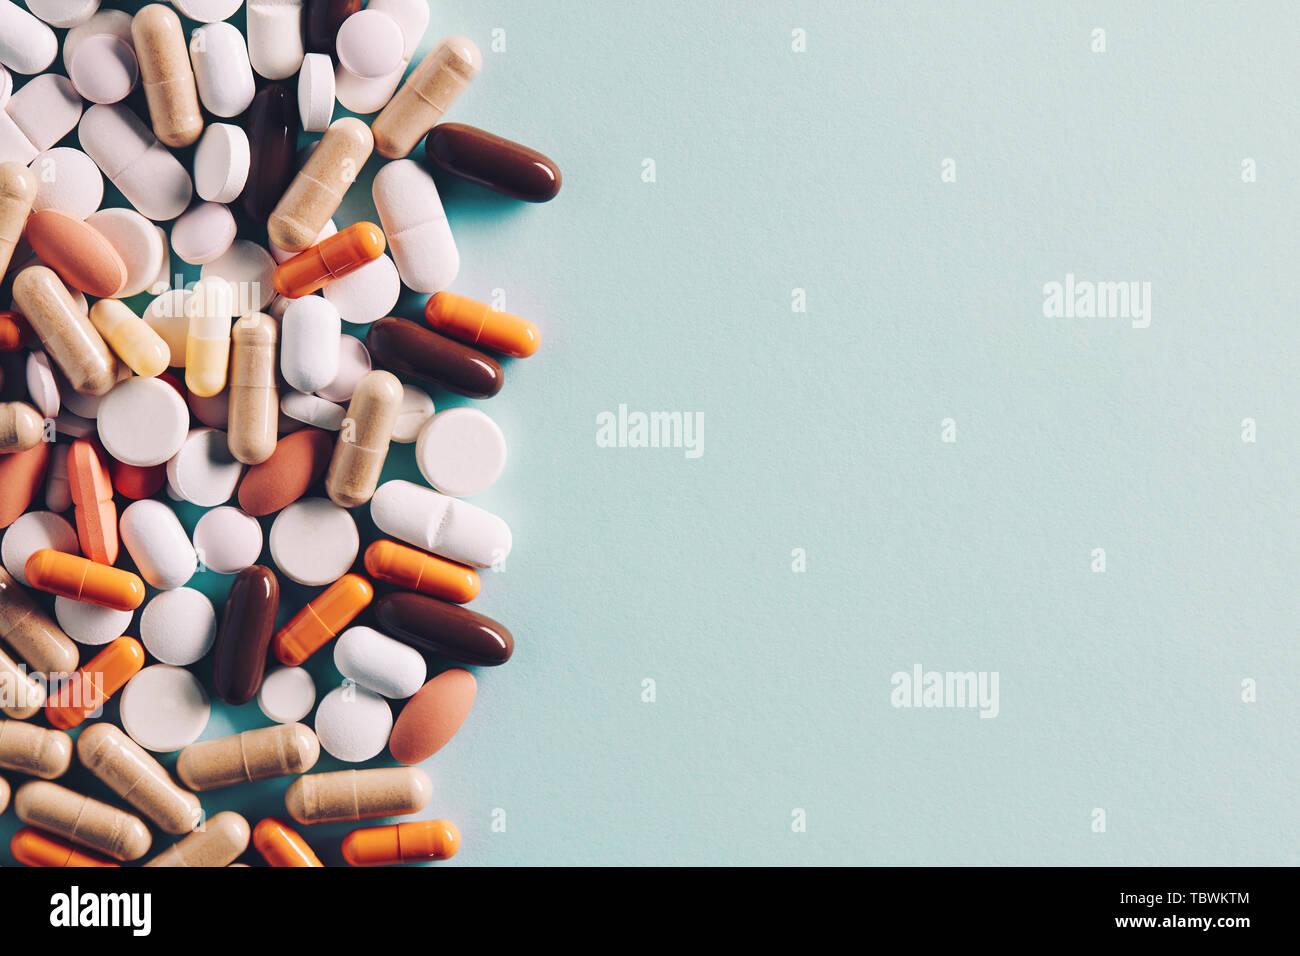 Montón de píldoras de colorido de las tabletas y las cápsulas con copia espacio para el texto. Vista de arriba hacia abajo. Foto de stock